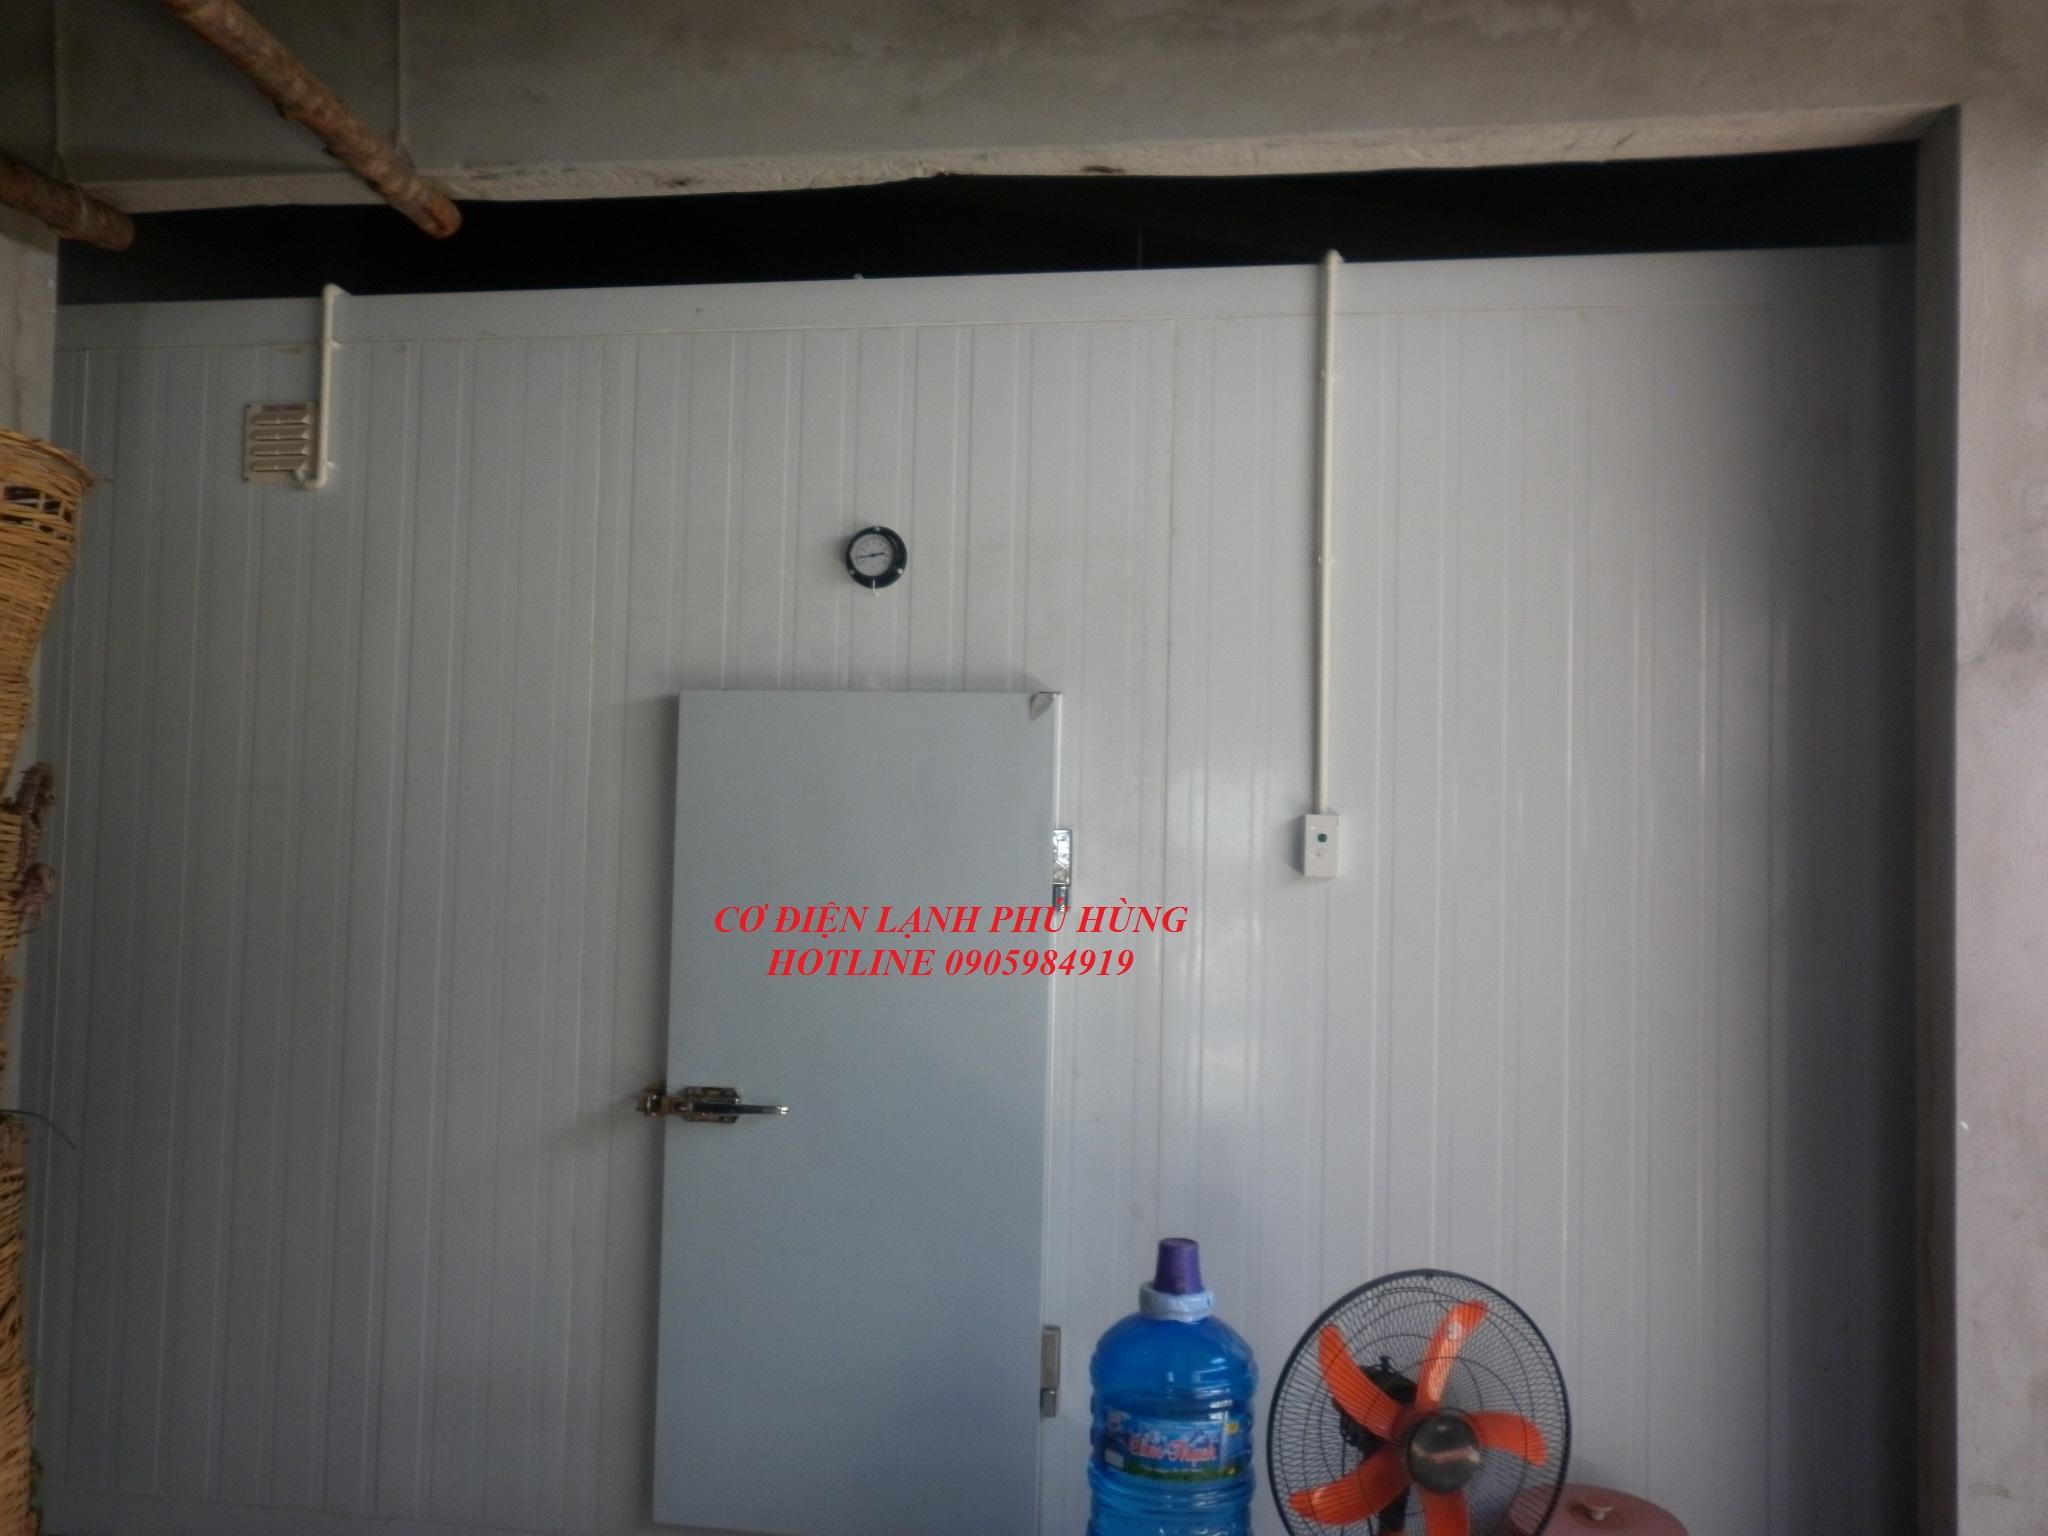 12 - Kho lạnh bảo quản mực khô - DNTN Tống Viết Hùng